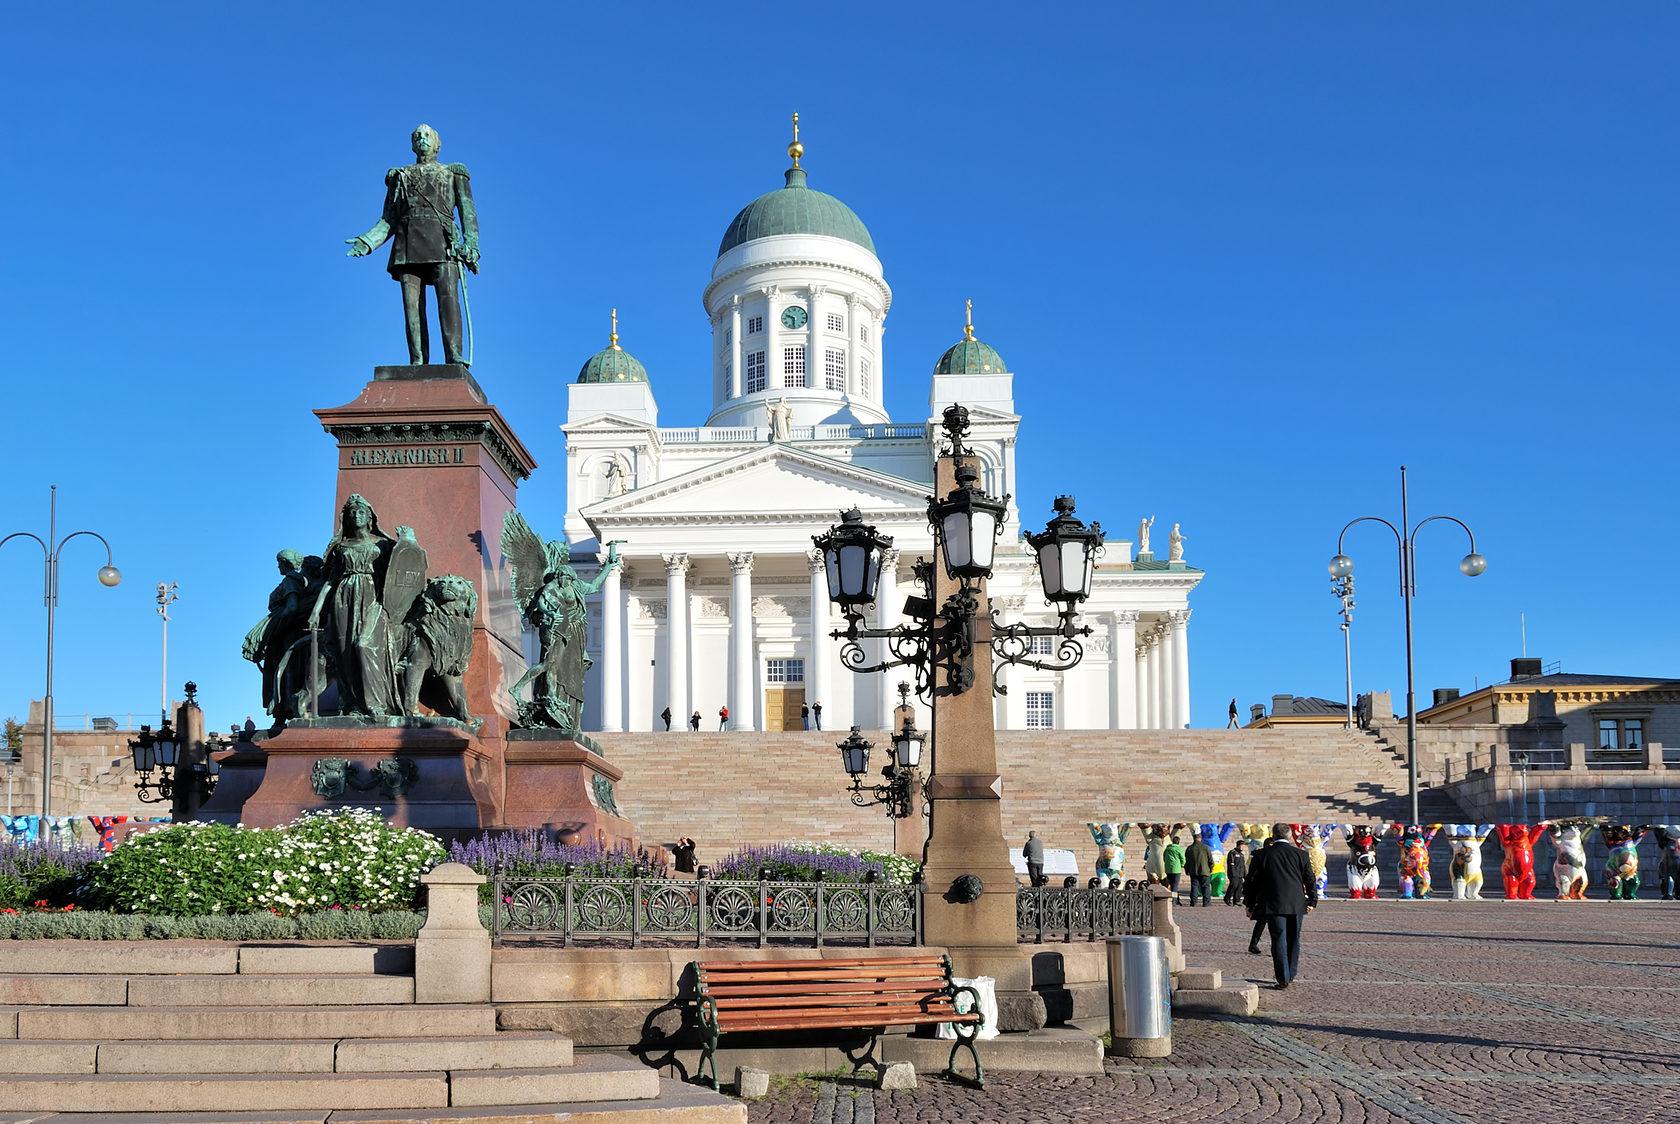 Кафедральный собор в Хельсинки | Главные достопримечательности Хельсинки